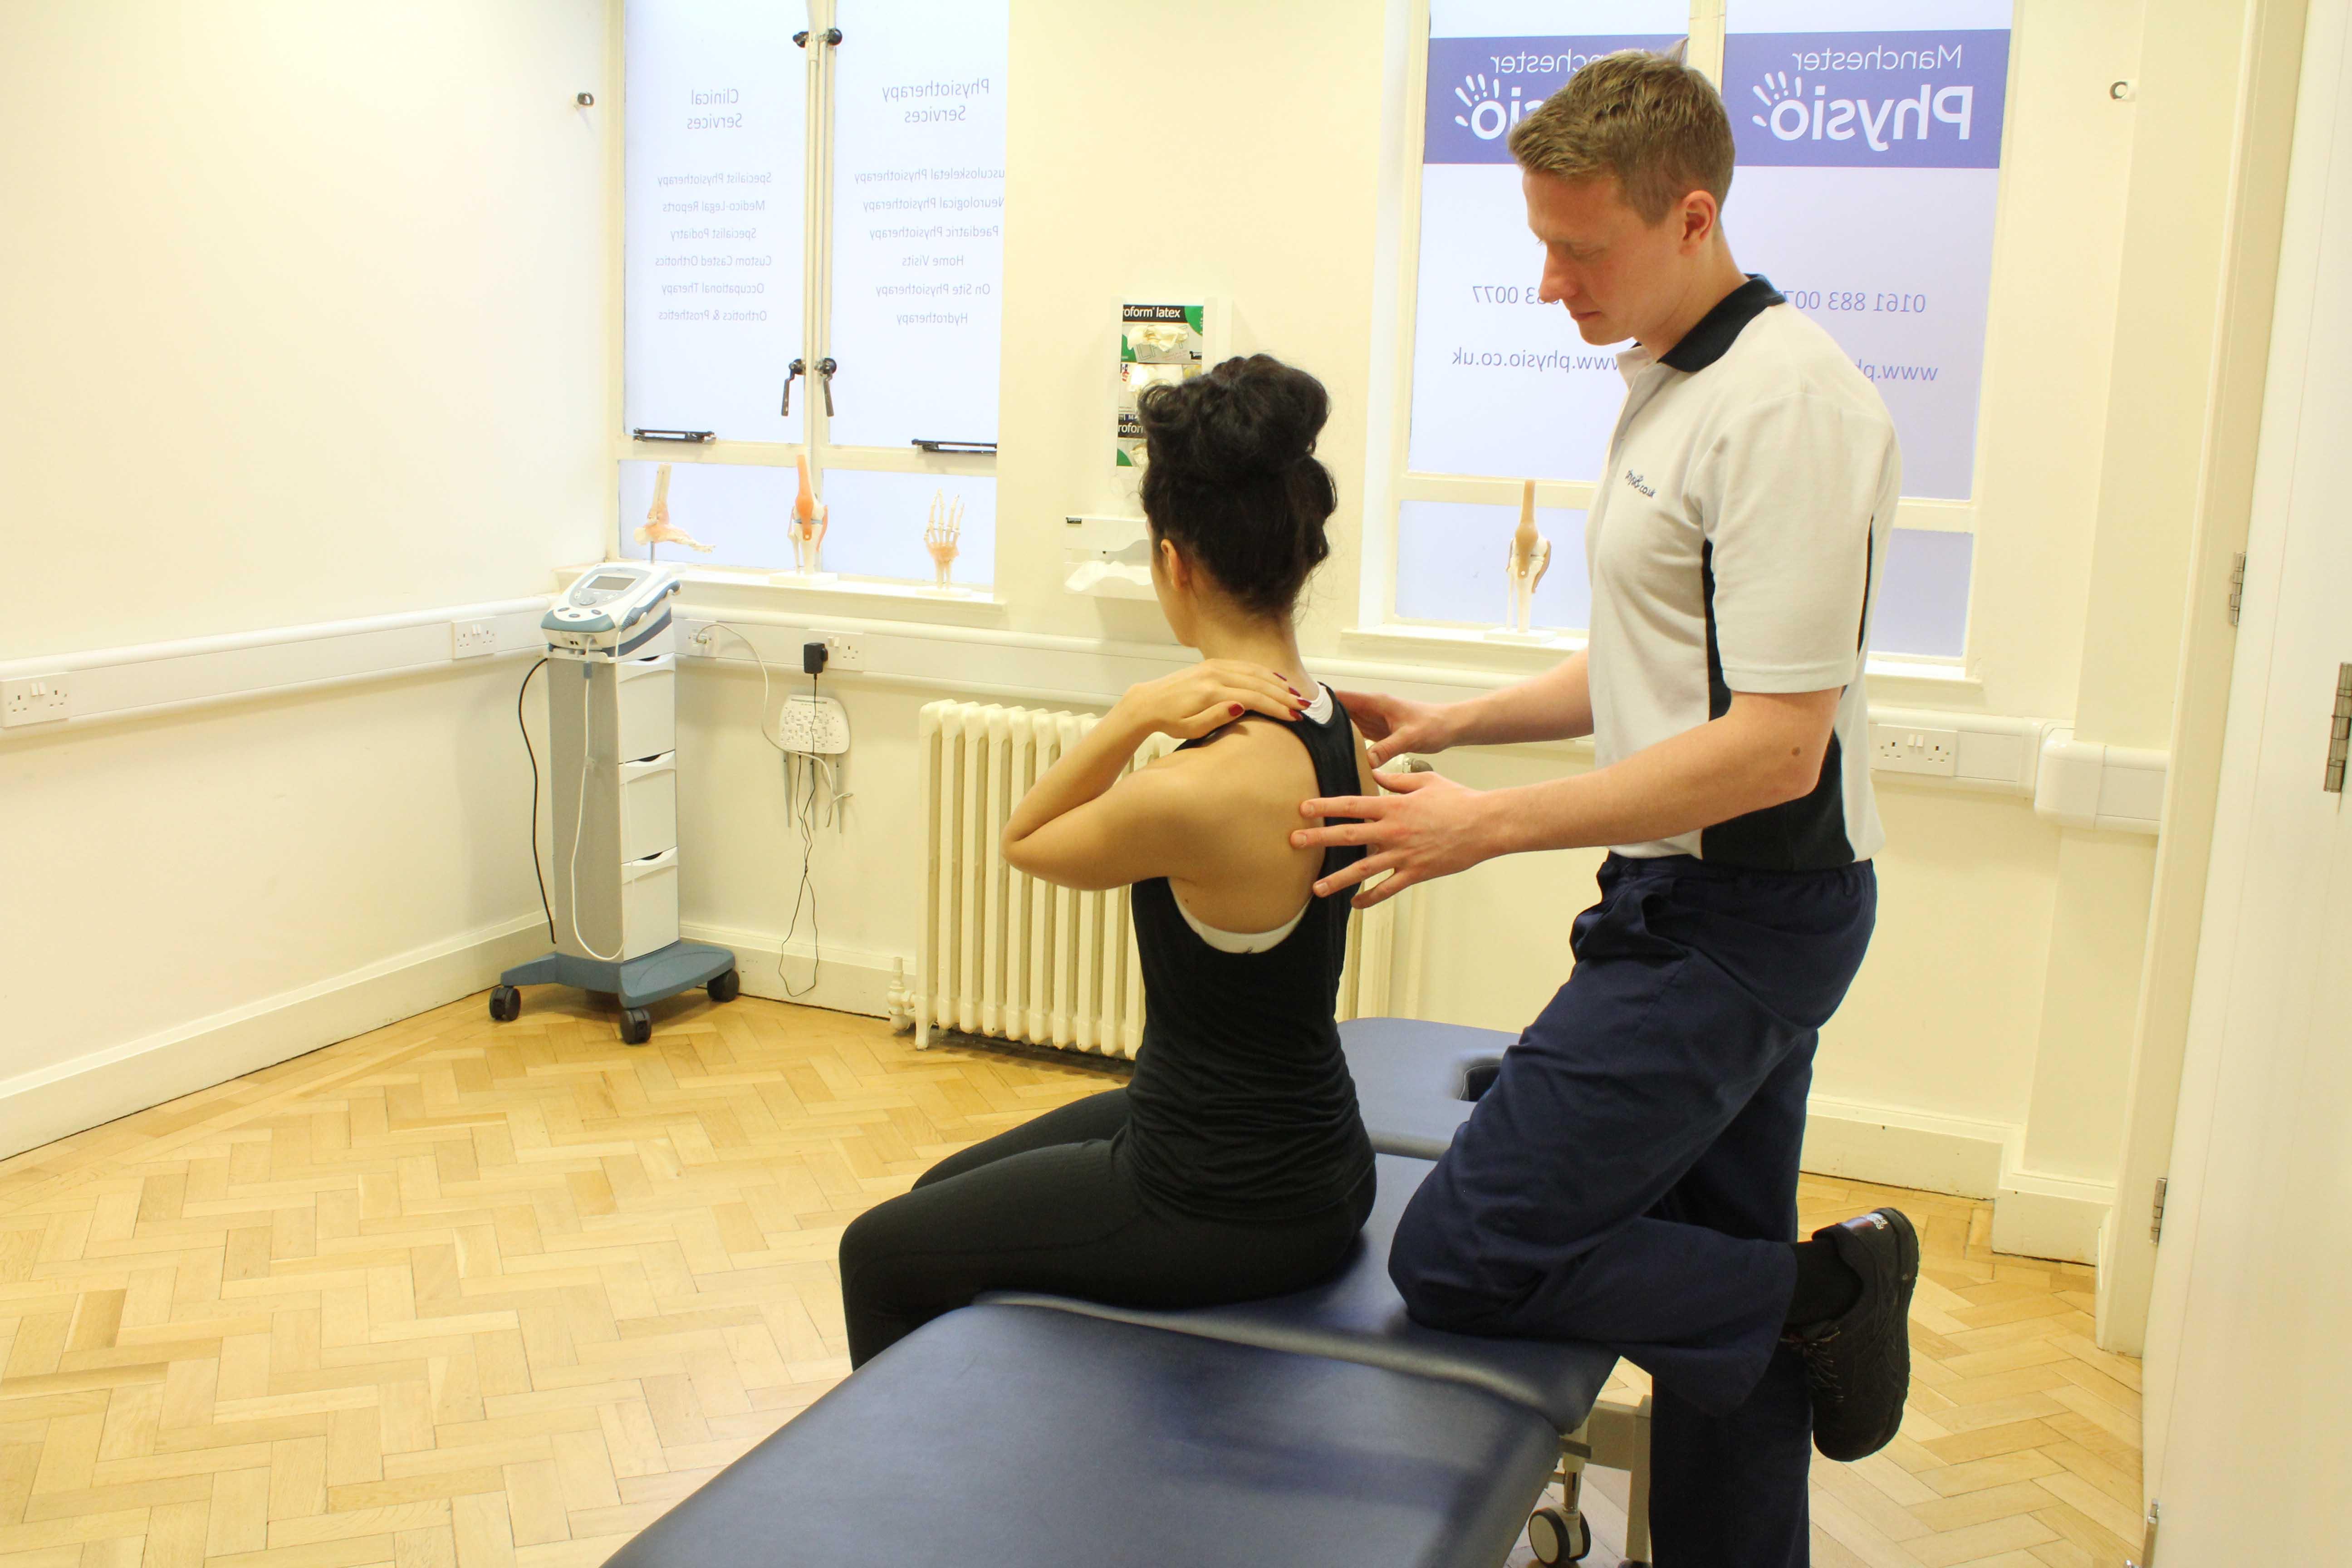 hipertónia spondylitis ankylopoetikával első fokú magas vérnyomás diéta